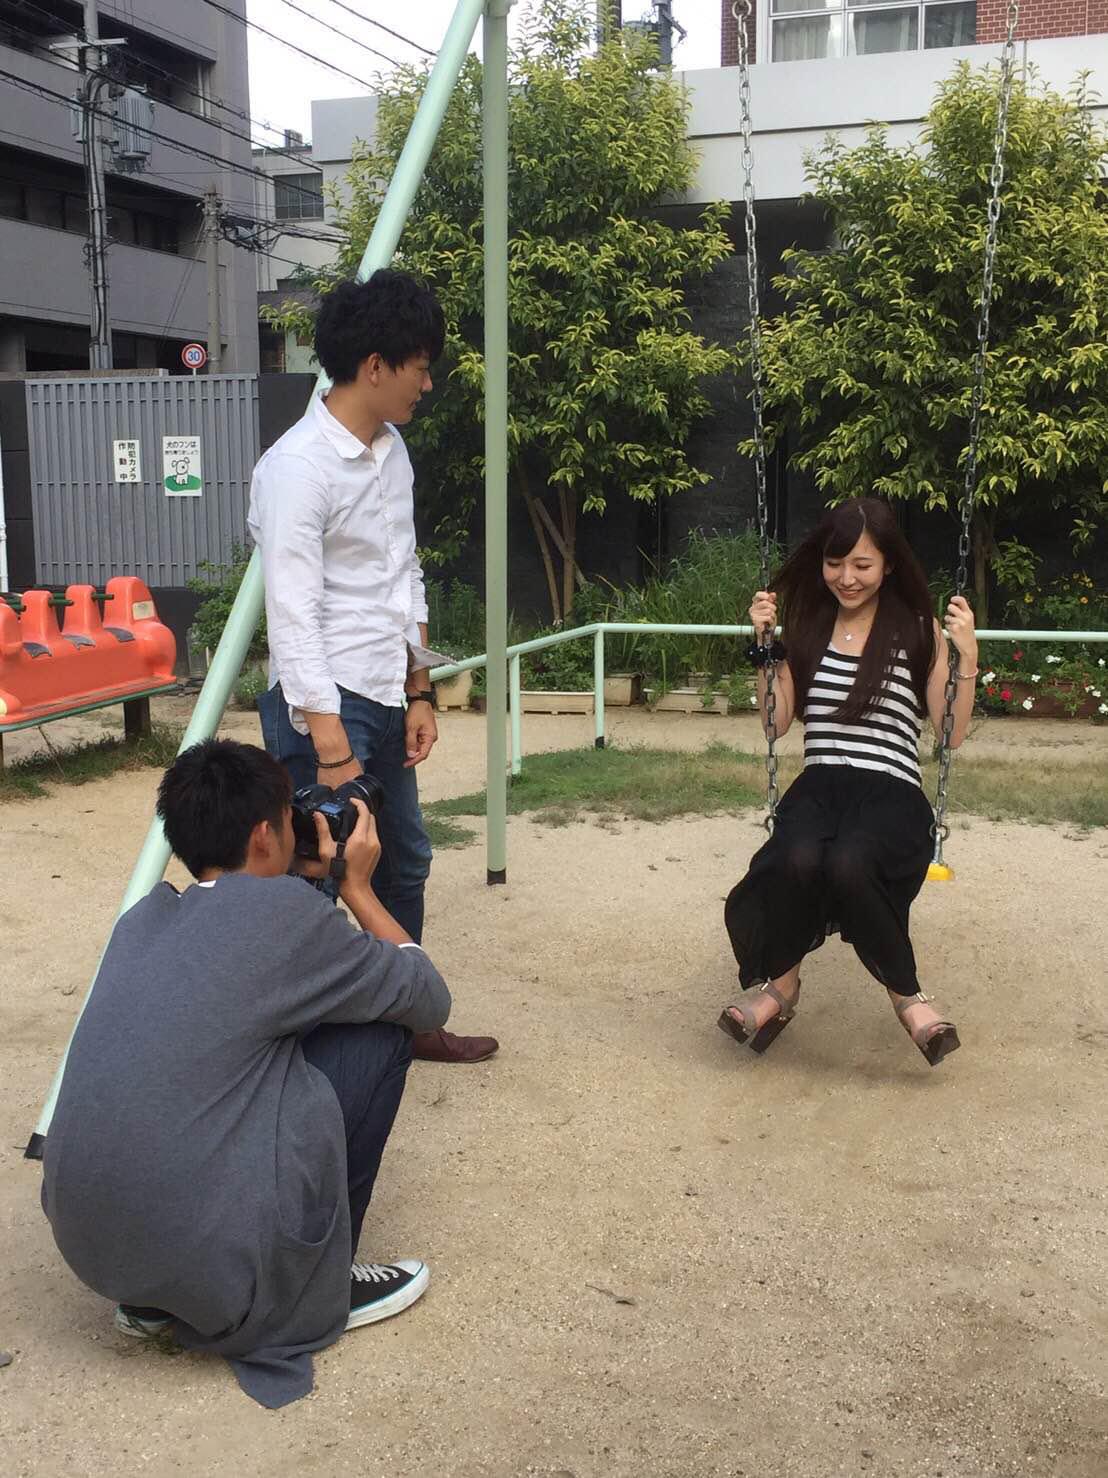 関西写真部の新メンバーと女優、モデルの双松桃子(ふたまつももこ)さんの撮影をしてきました!